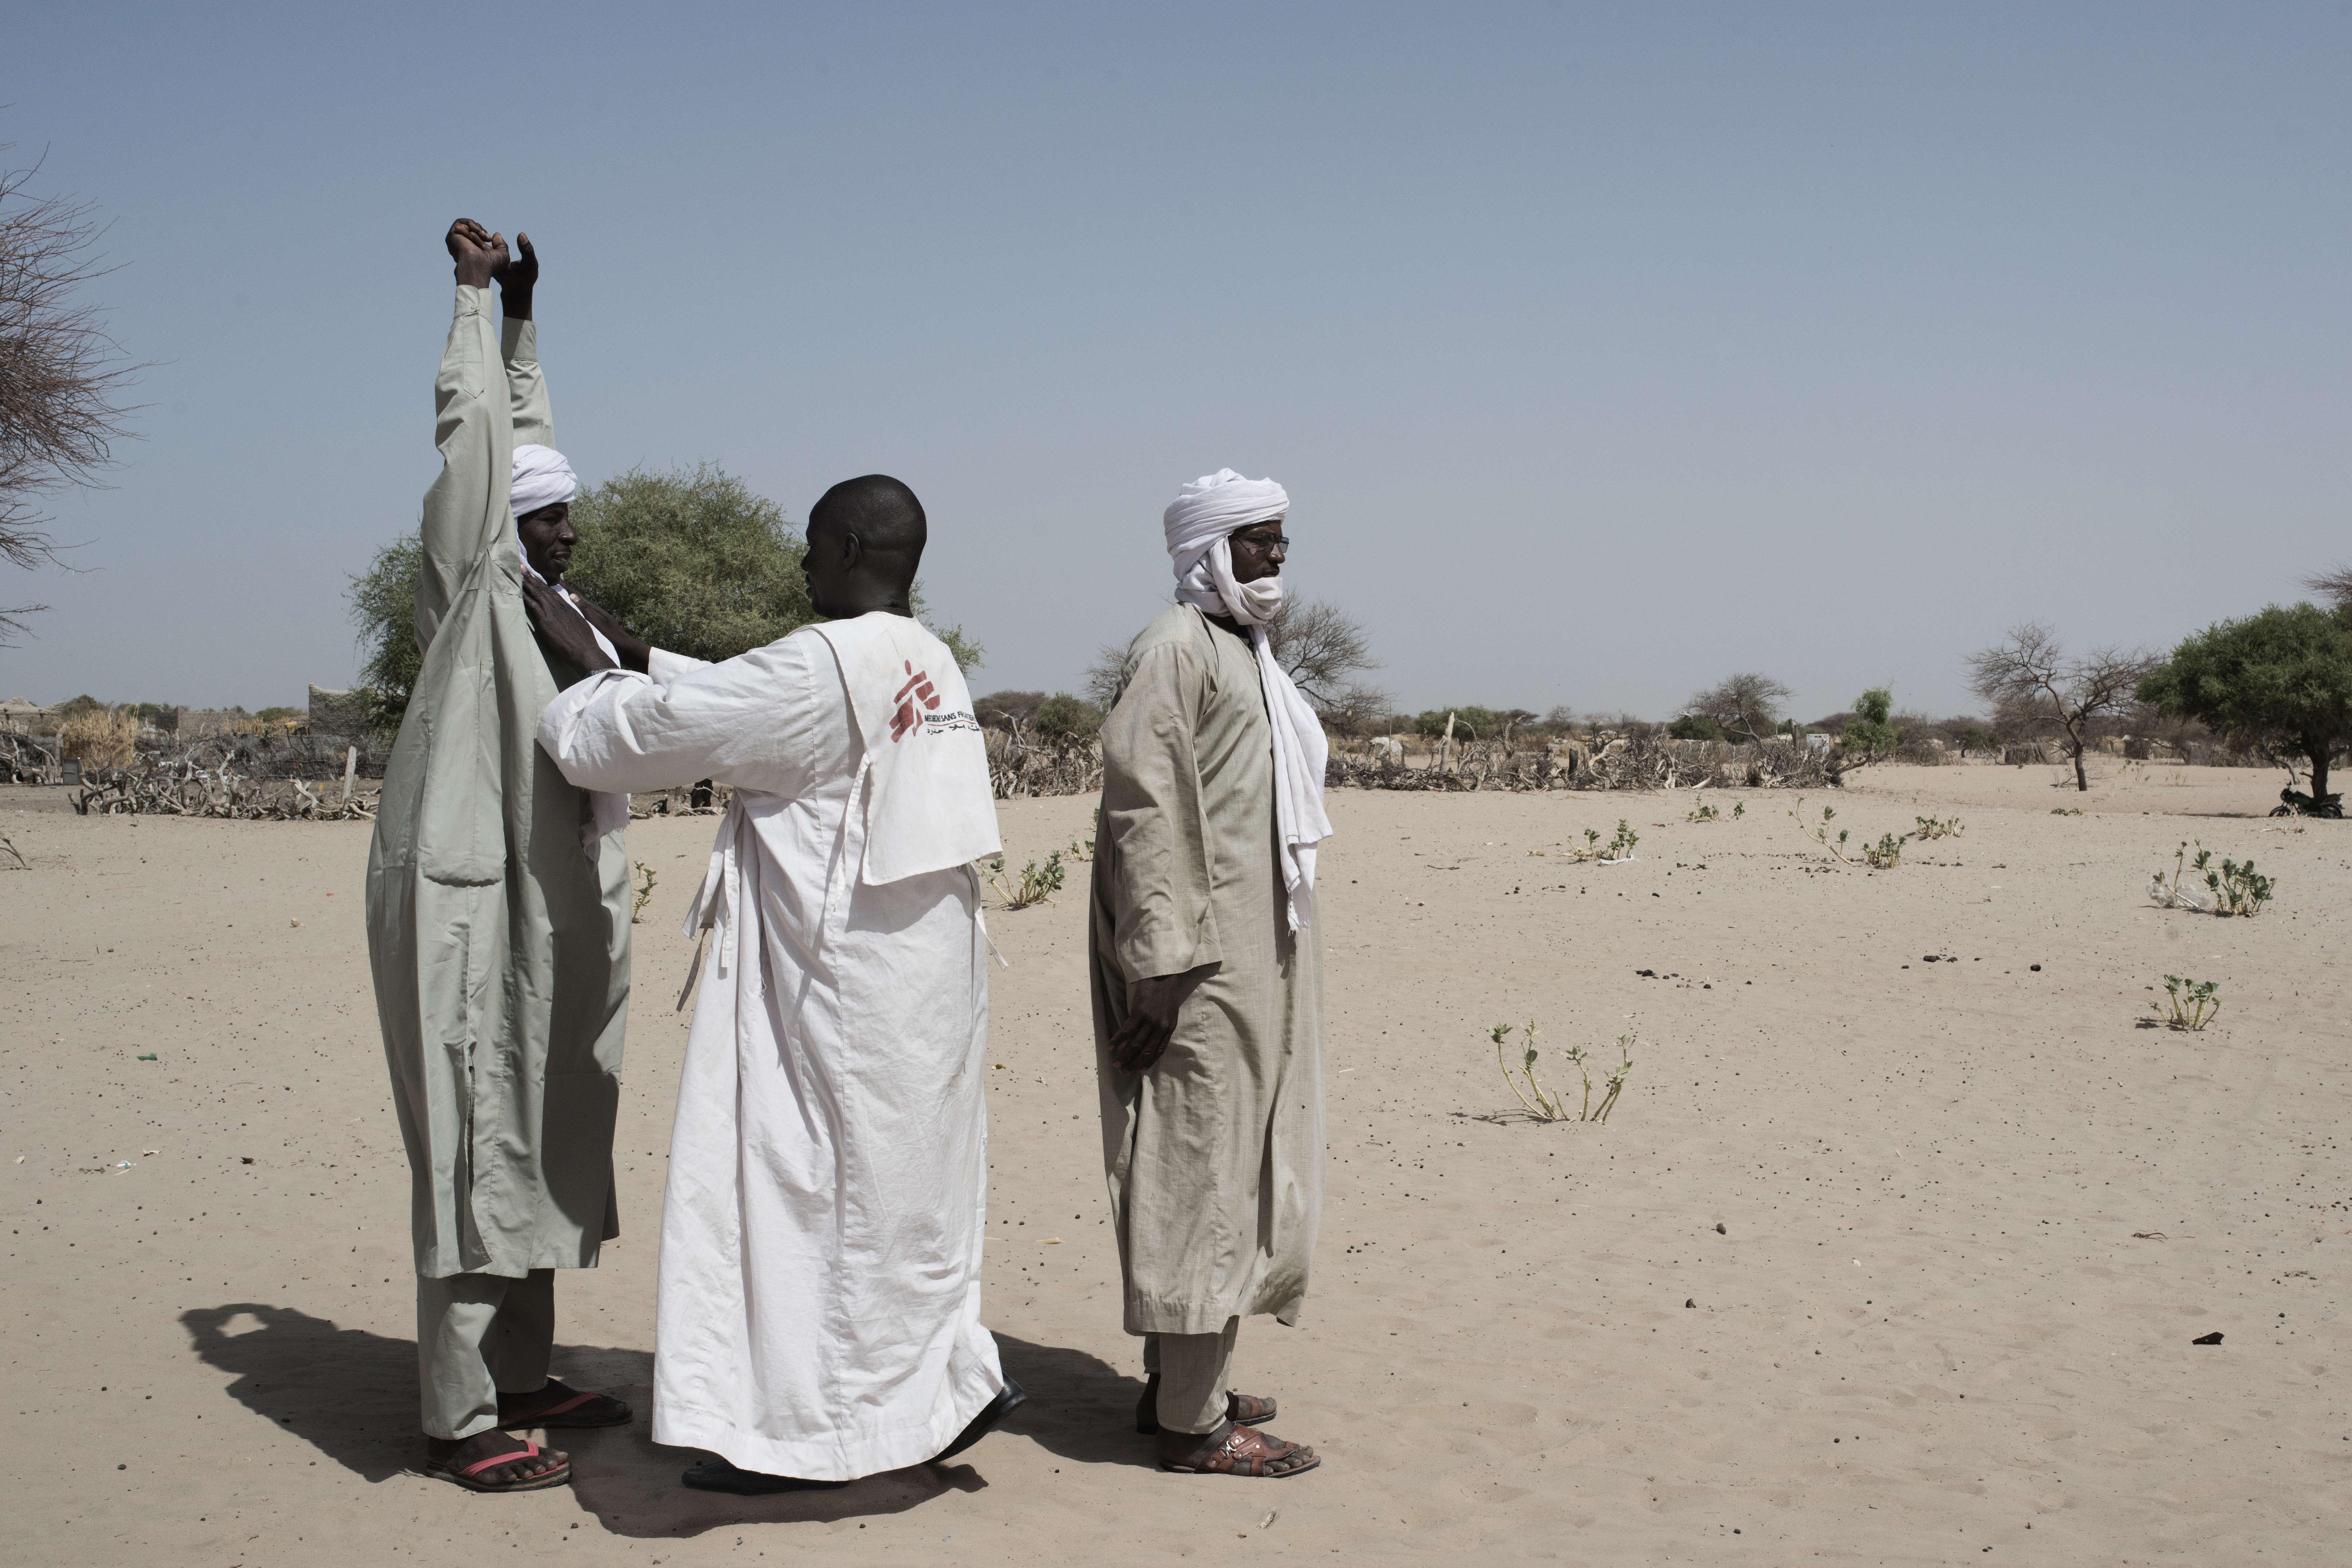 Une fouille est organisée à l'entrée de la clinique mobile de Fourkoulom gérée par Médecins sans frontières (MSF) pour s'assurer que les nouveaux arrivants ne portent pas d'armes.